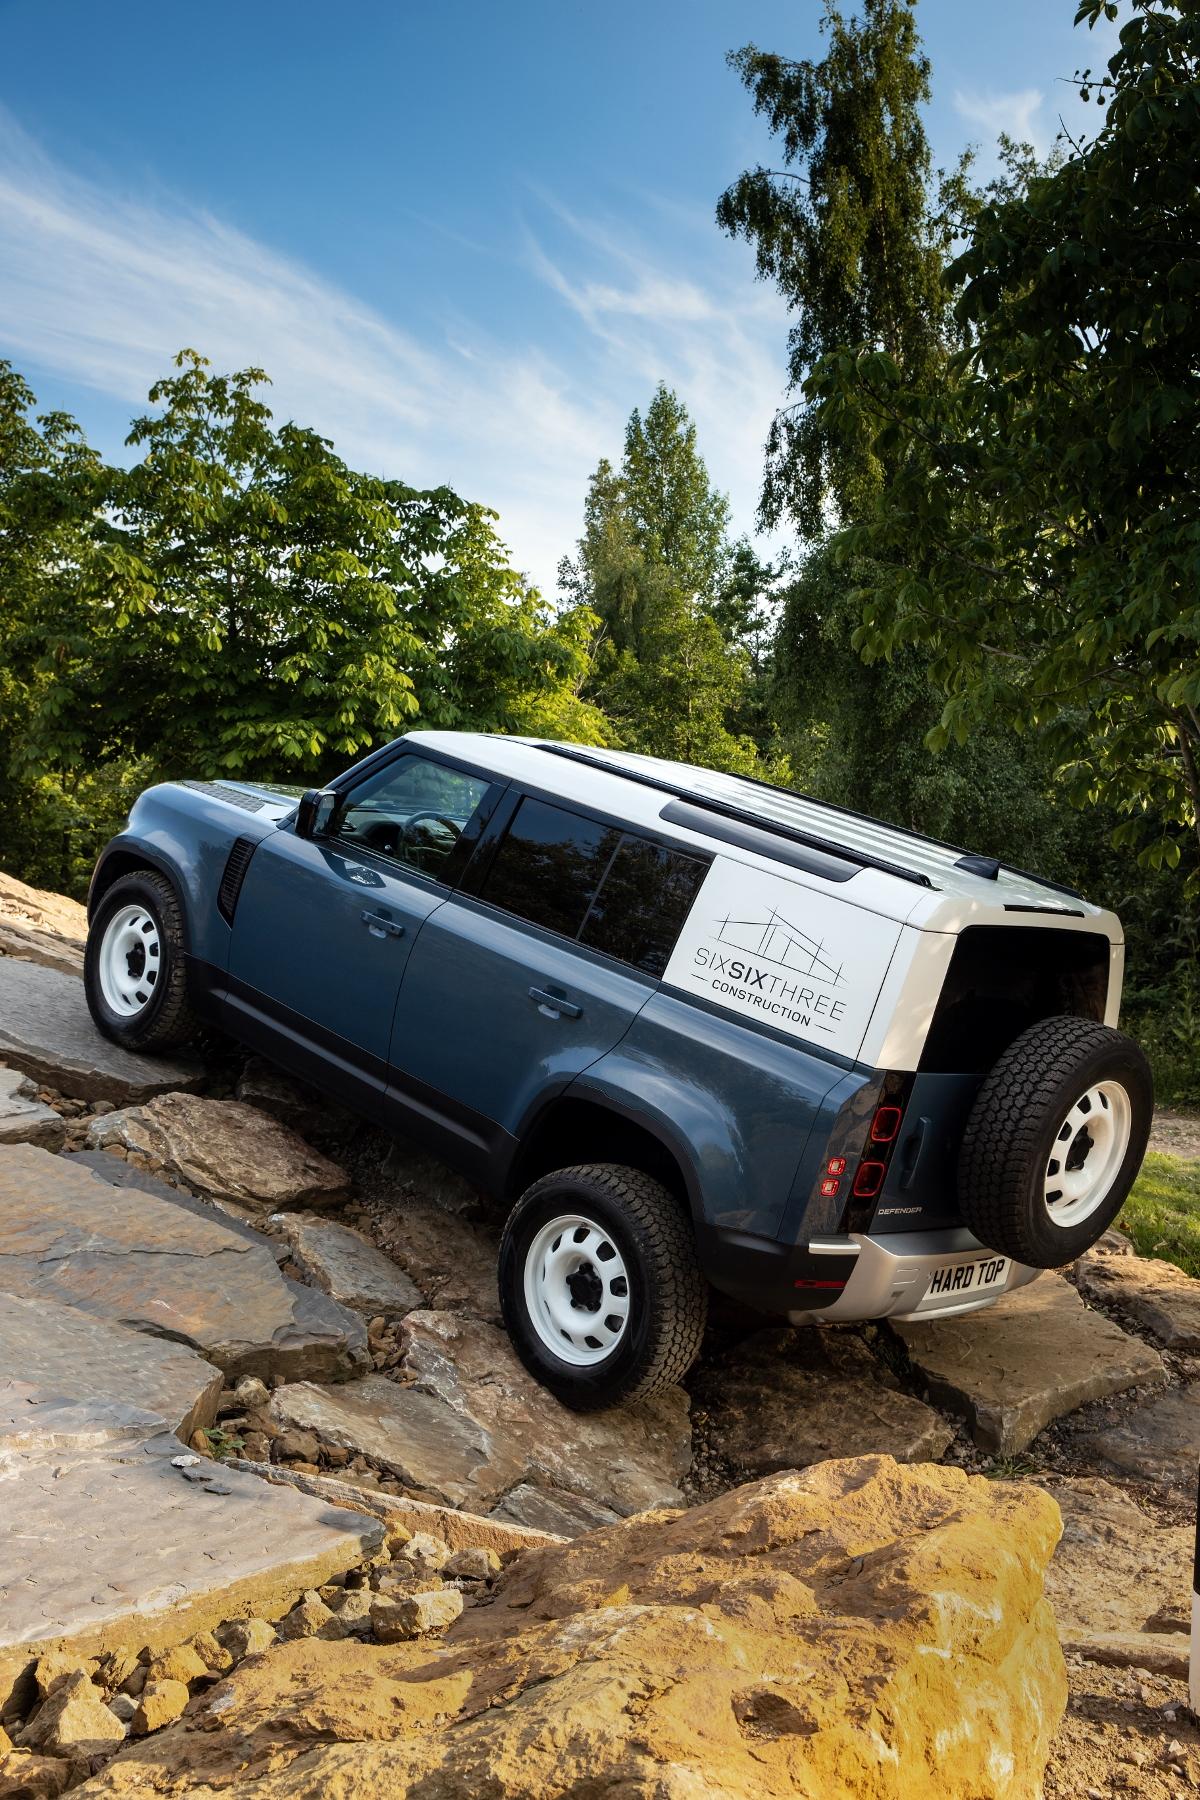 Nový Land Rover Defender prichádza v úžitkovej verzii Hard Top E3LvBLhRRR 12lrdefhardtop30062008-120